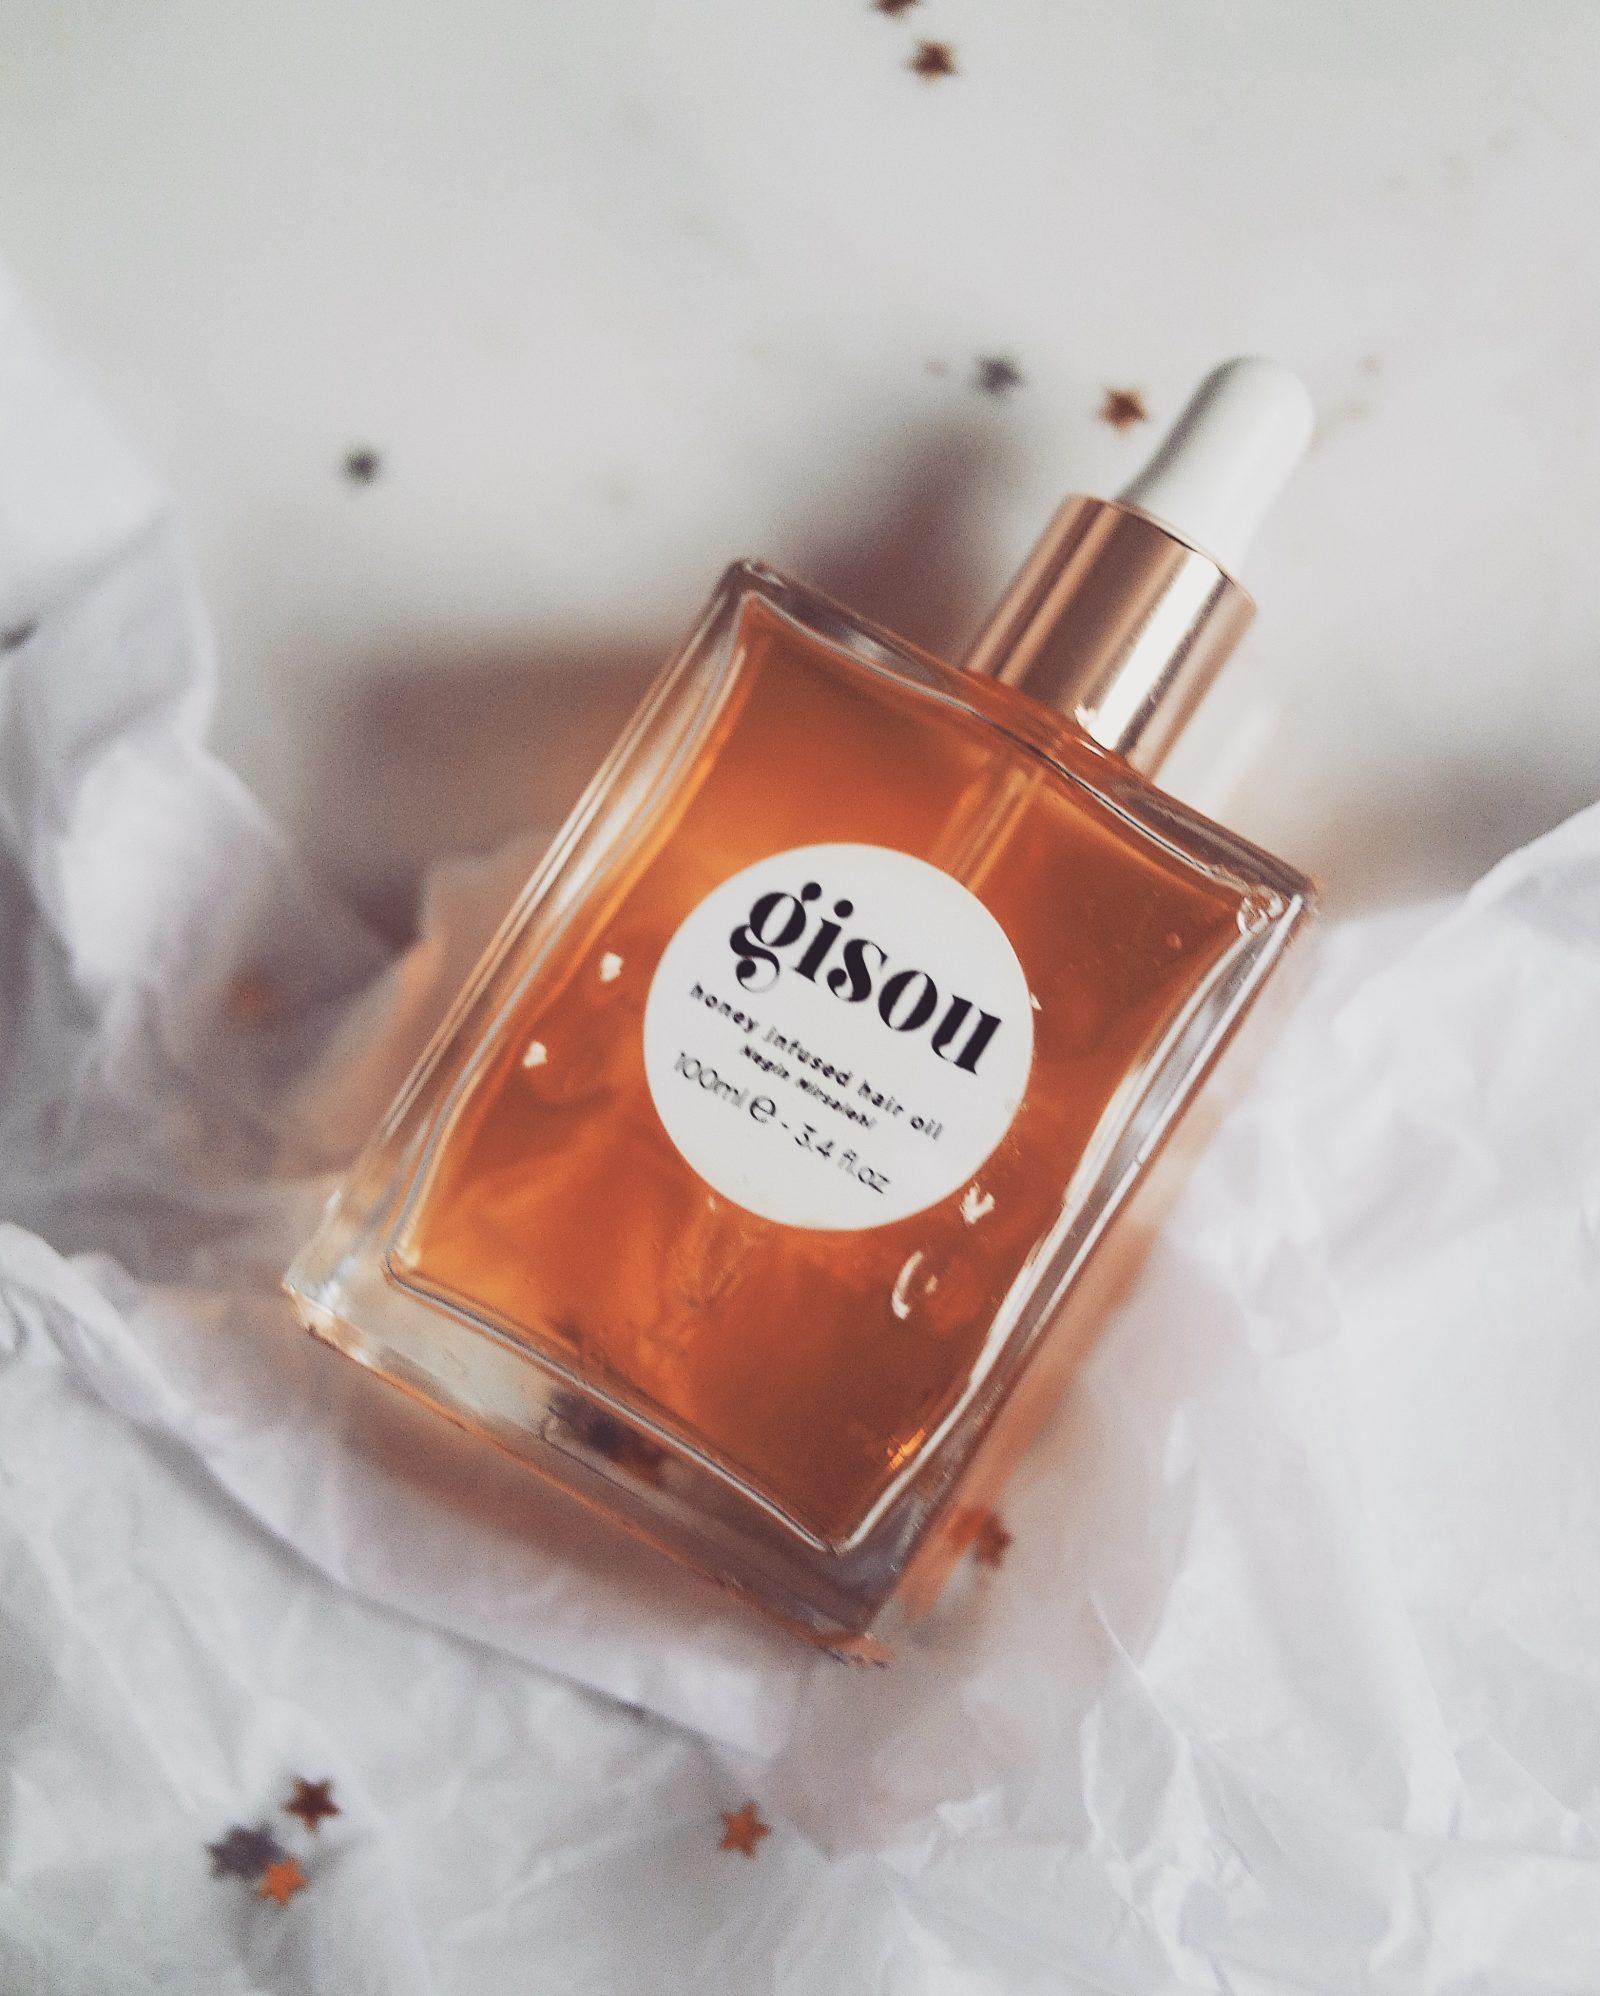 Gift guide for her - Gimsou Hair Oil